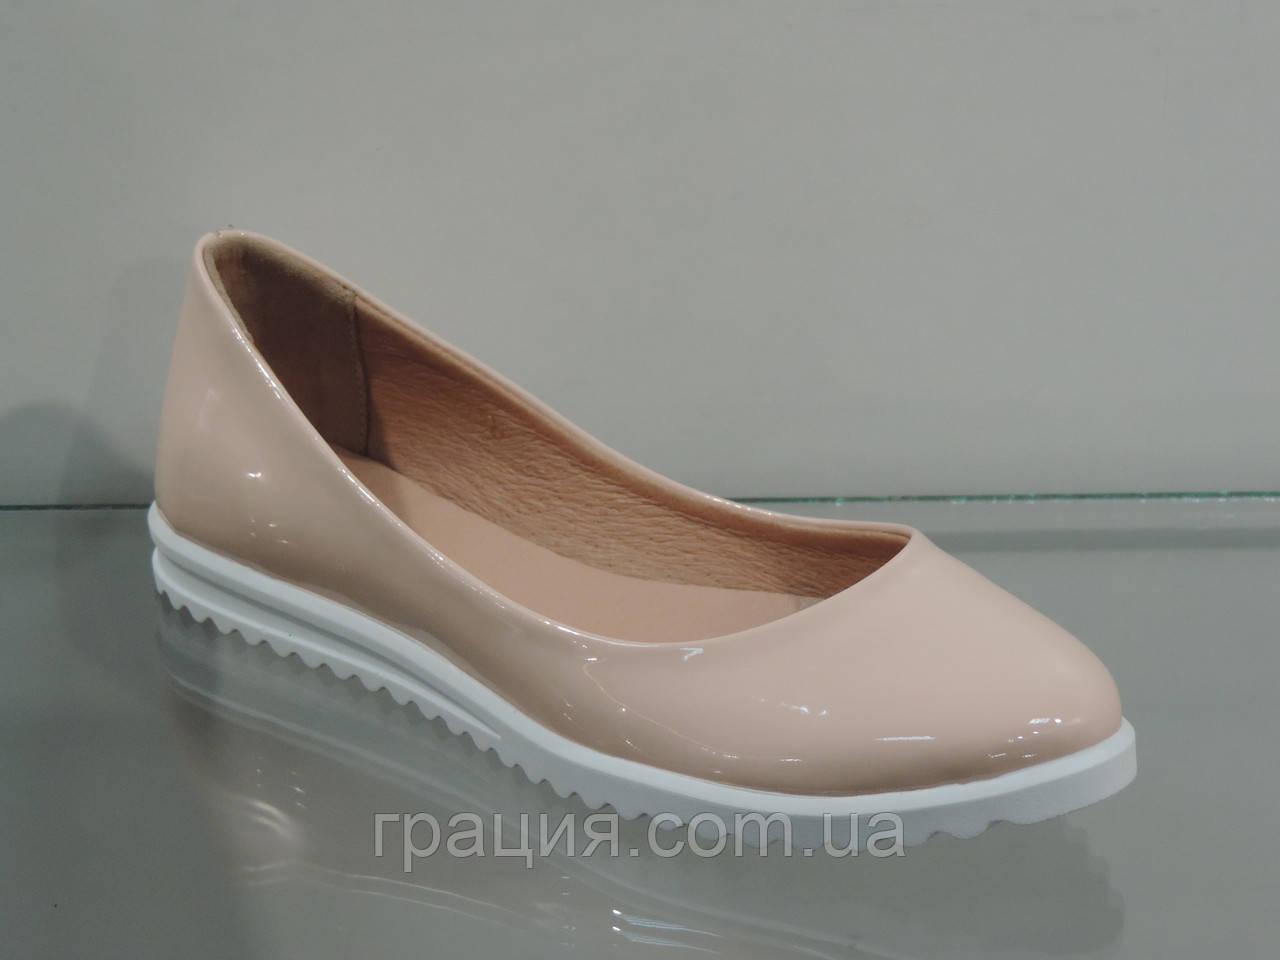 ee0c6ecb531c Модные женские бежевые лаковые балетки легкие удобные  продажа, цена ...